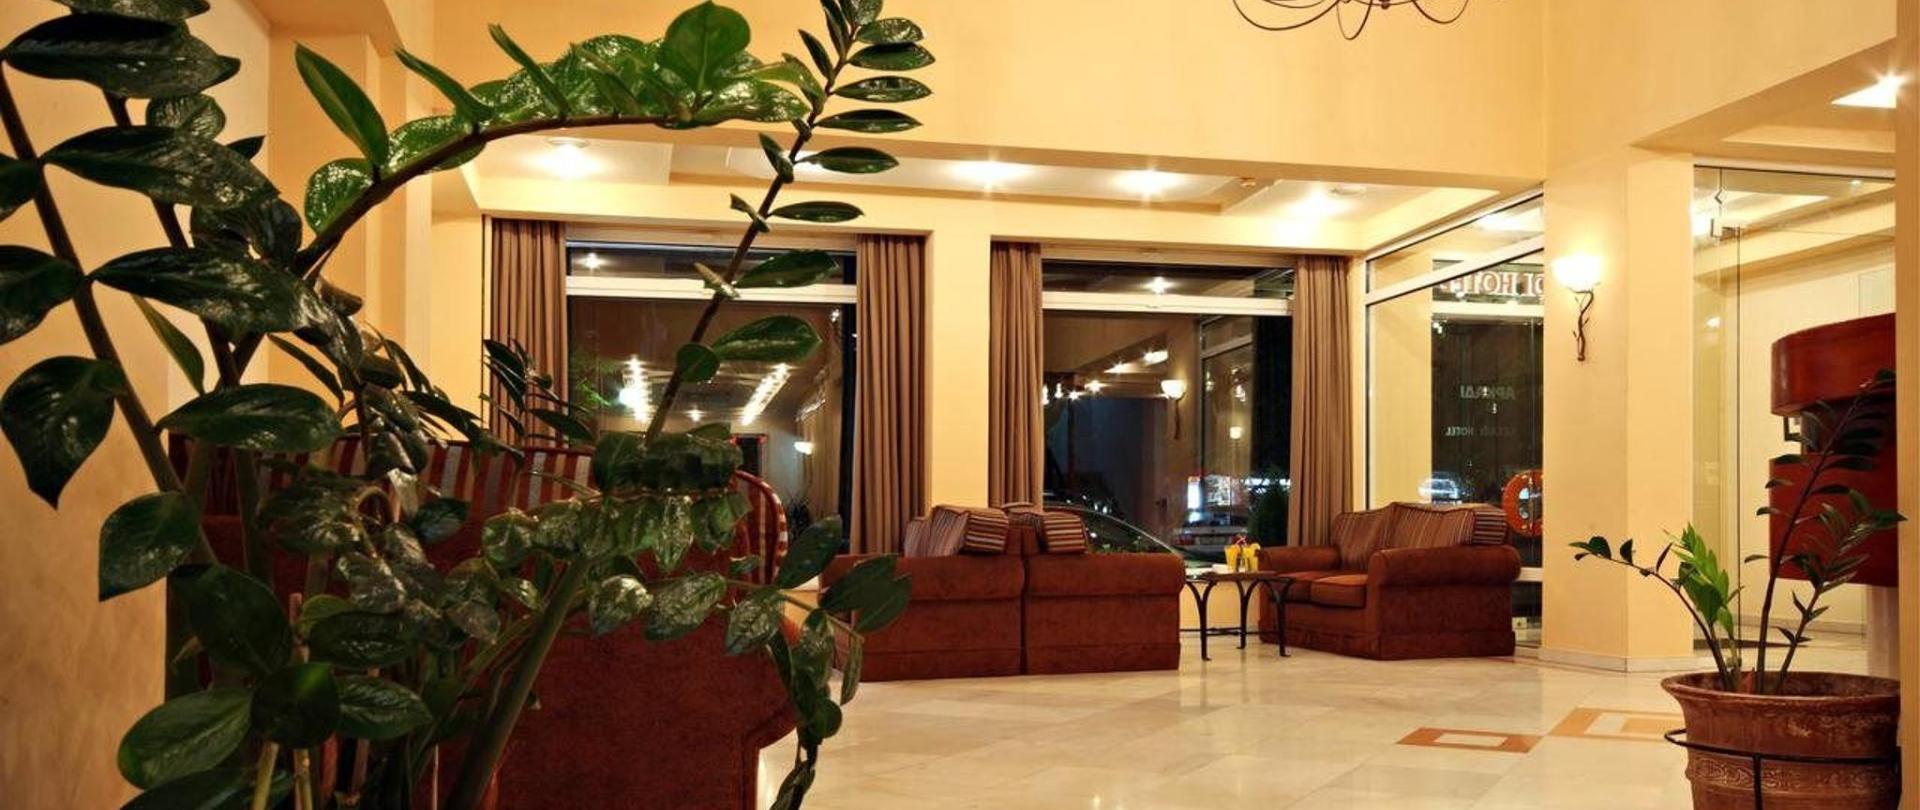 Ξενοδοχείο Αρκάδι